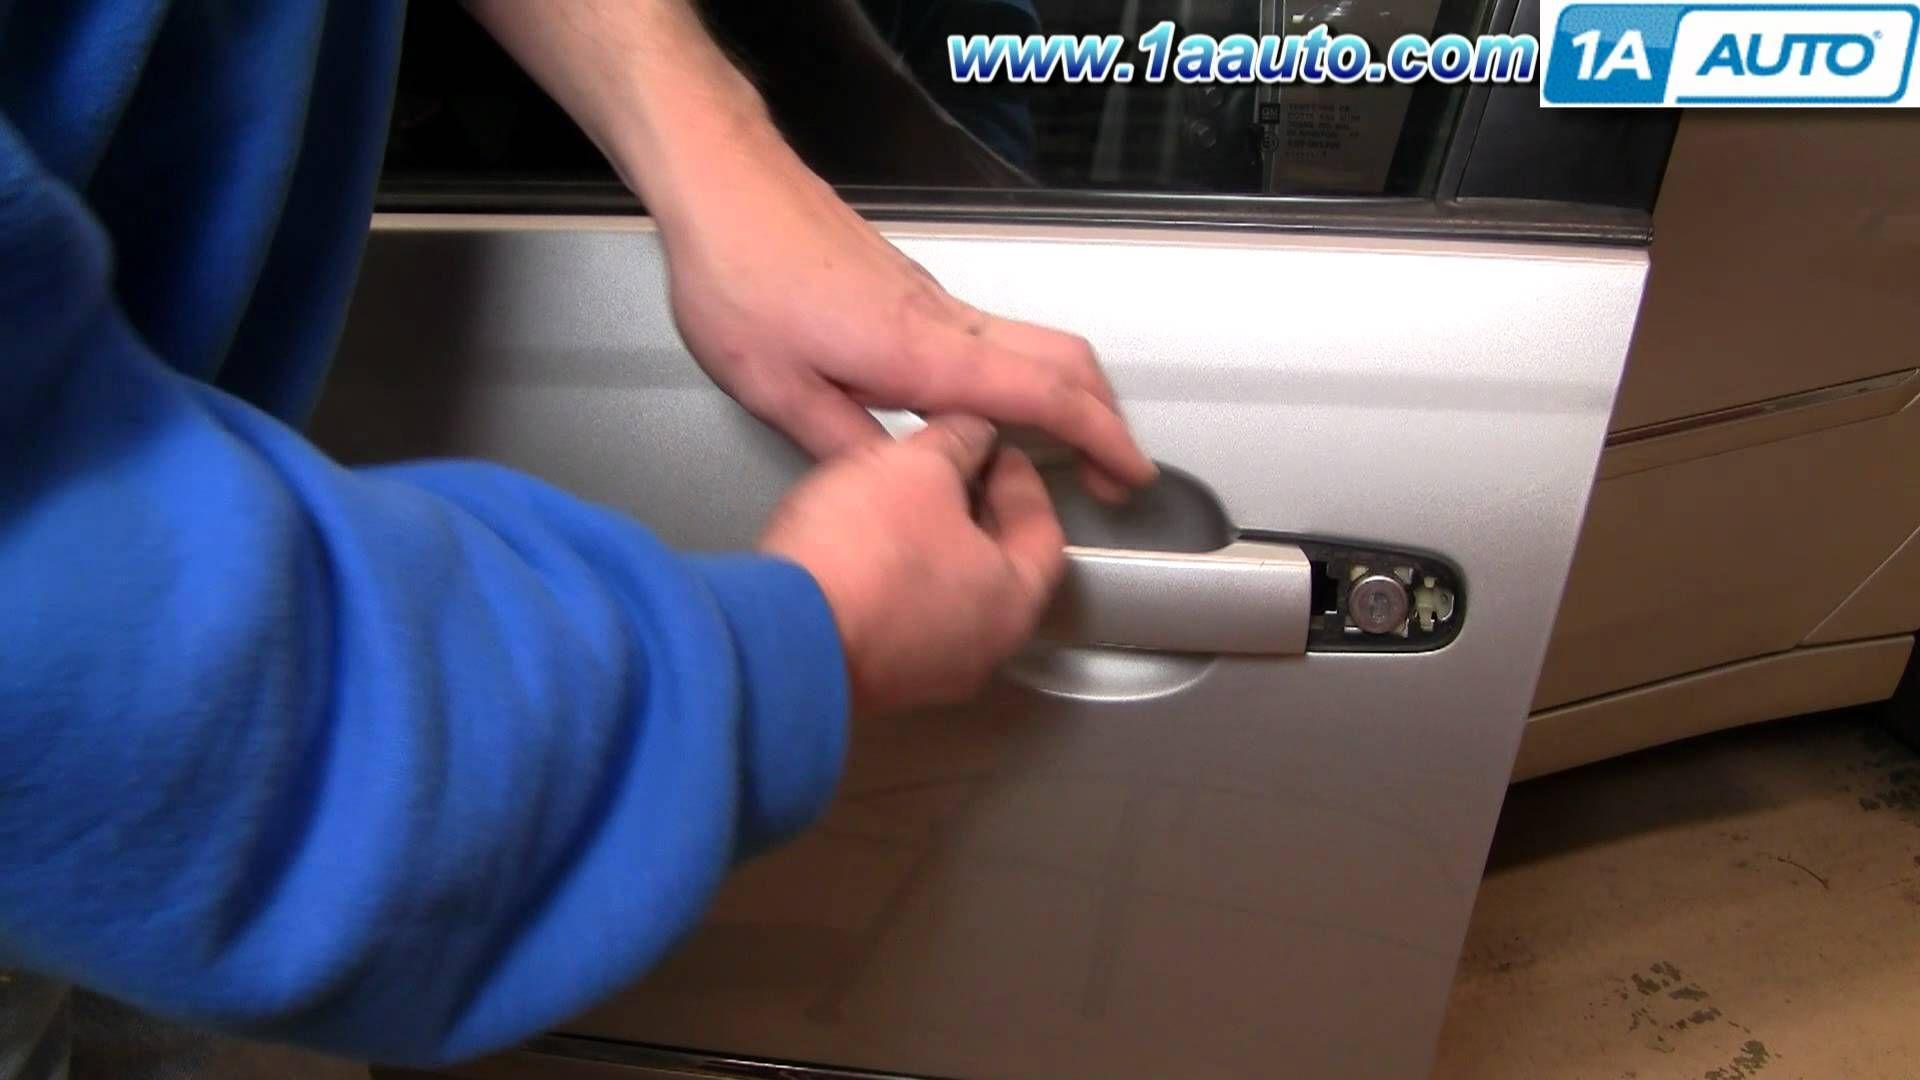 How To Install Replace Outside Door Handle Chevy Malibu 04 08 1aauto Com Exterior Door Handles Chevy Malibu Door Handles